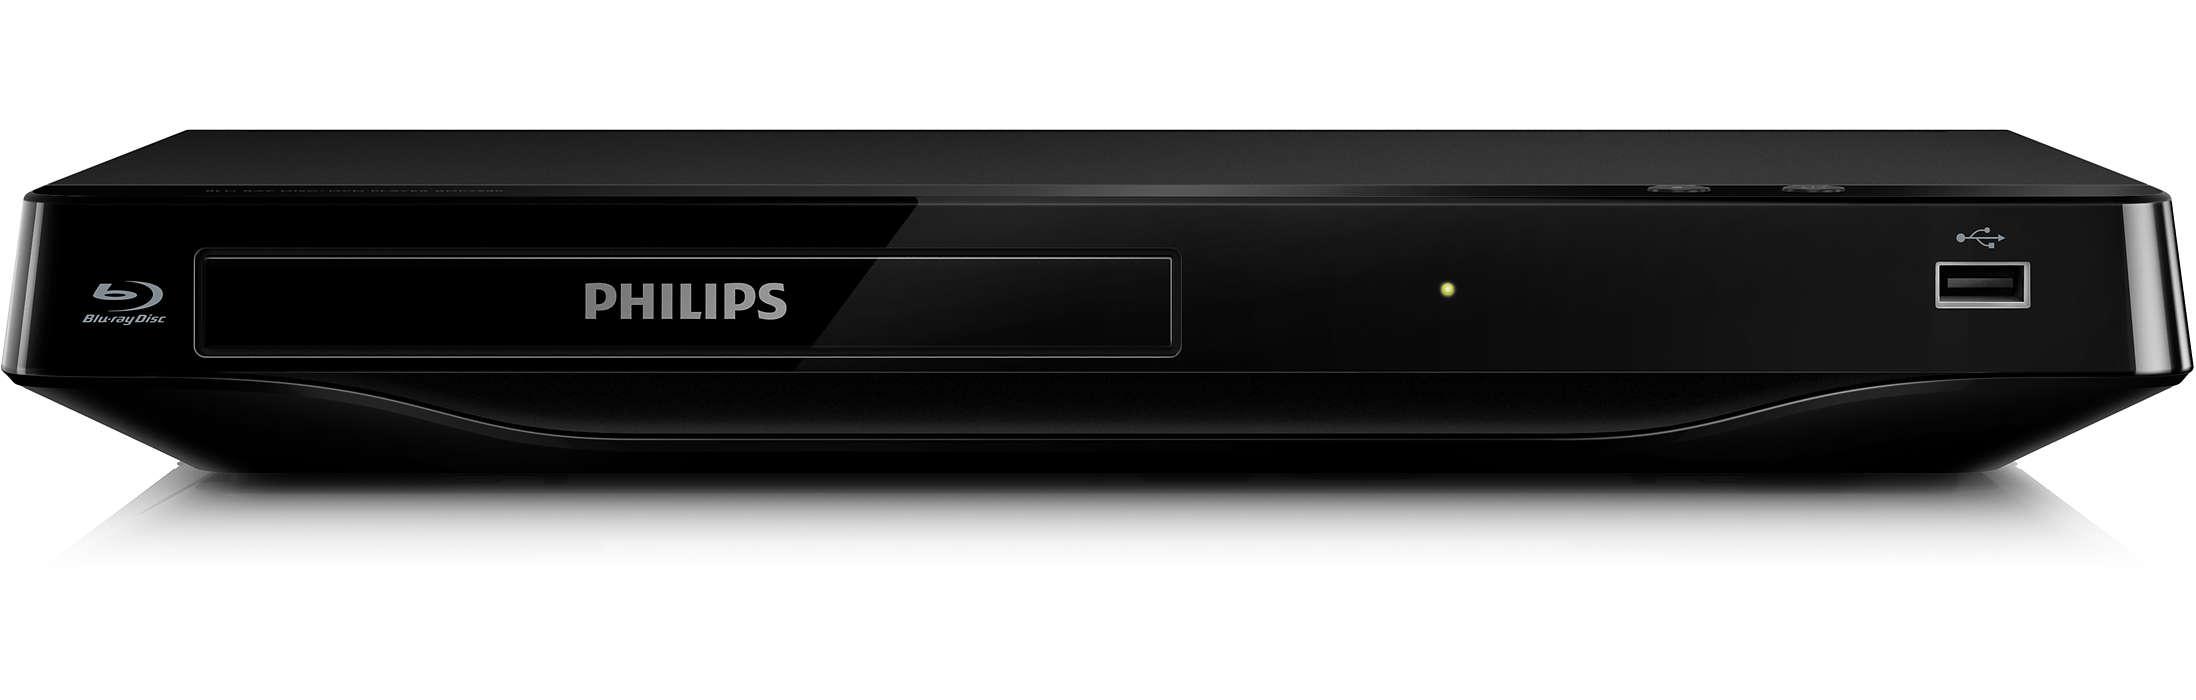 Mėgaukitės filmais HD formatu